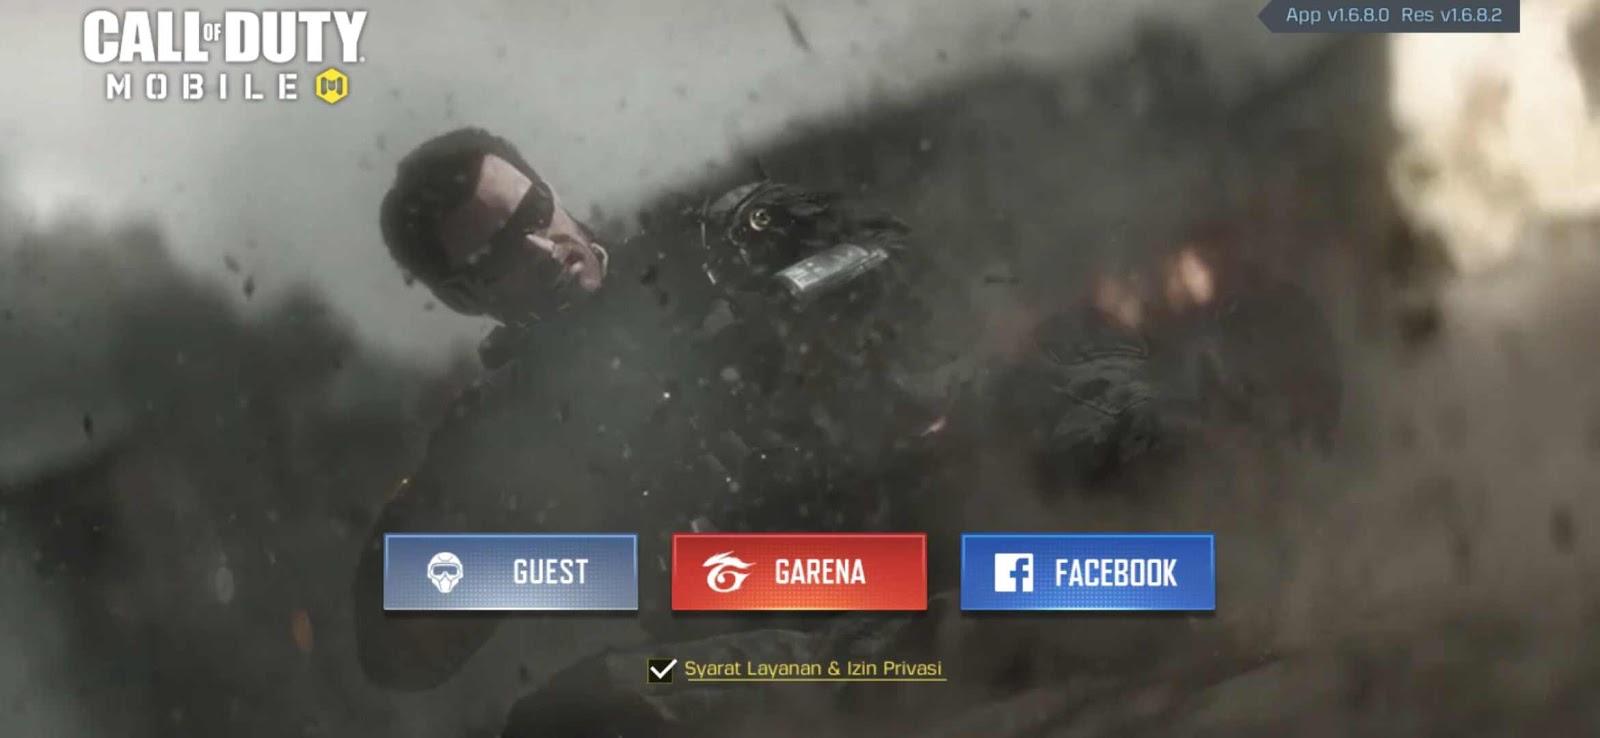 Battle Royal resmi dimainkan Cobain game terbaru dari garena mobile Hanung android COD!!  Download Call of Duty Game Ringan Terbaru 2020